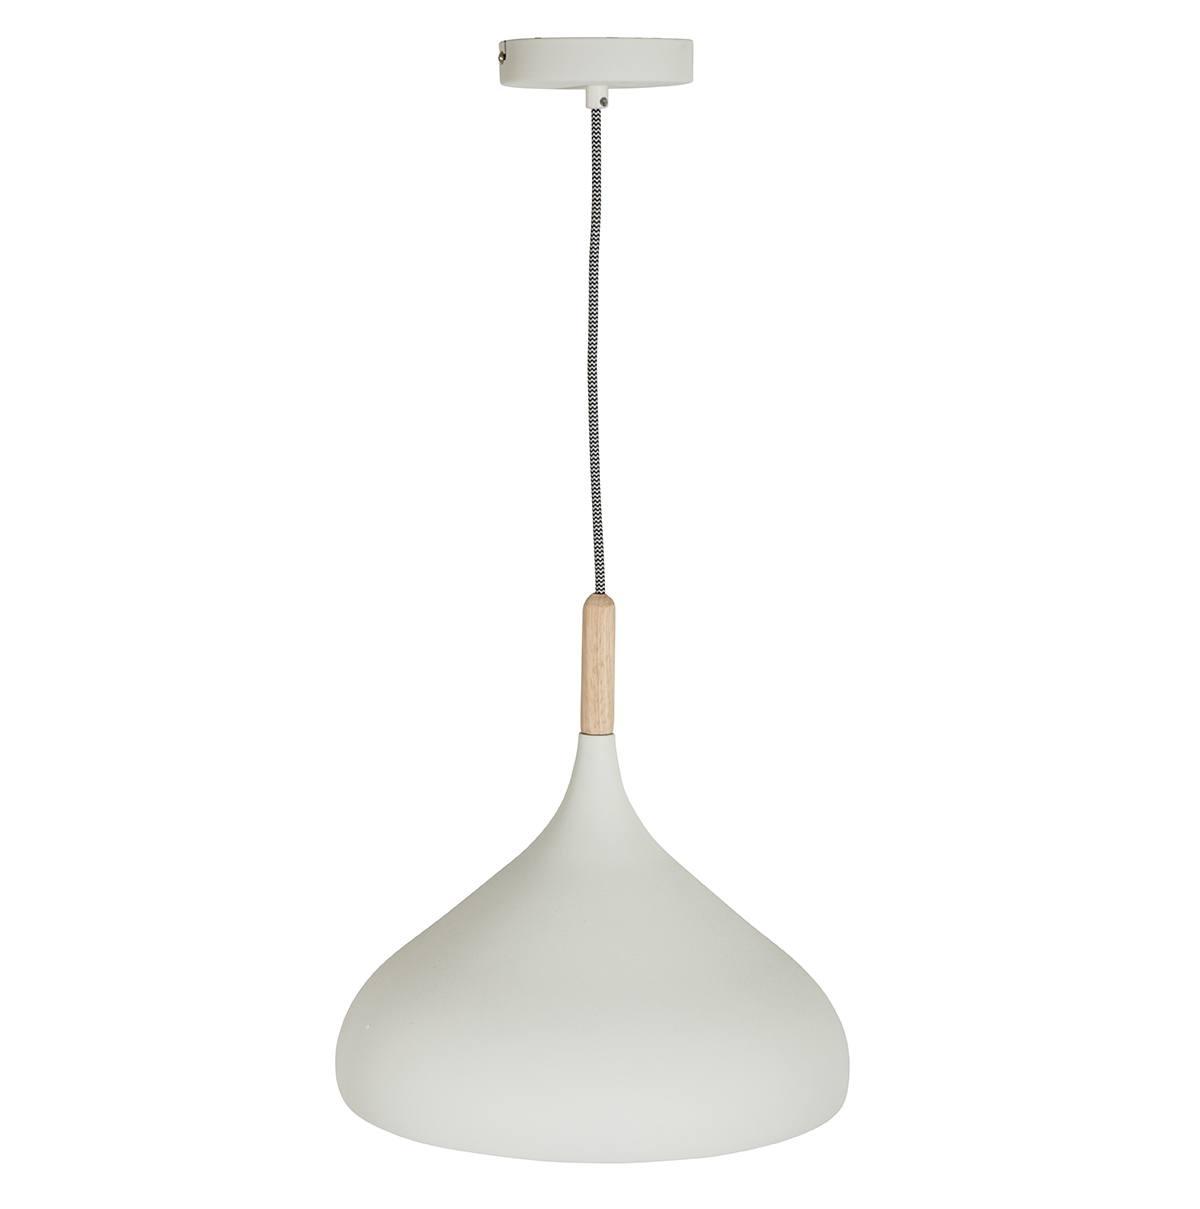 Hanglamp wit 30cm MEXLITE - 7730W - Hanglamp- Mexlite- Hella- Scandinavisch - Trendy- Wit  Wit met hout- Metaal Hout